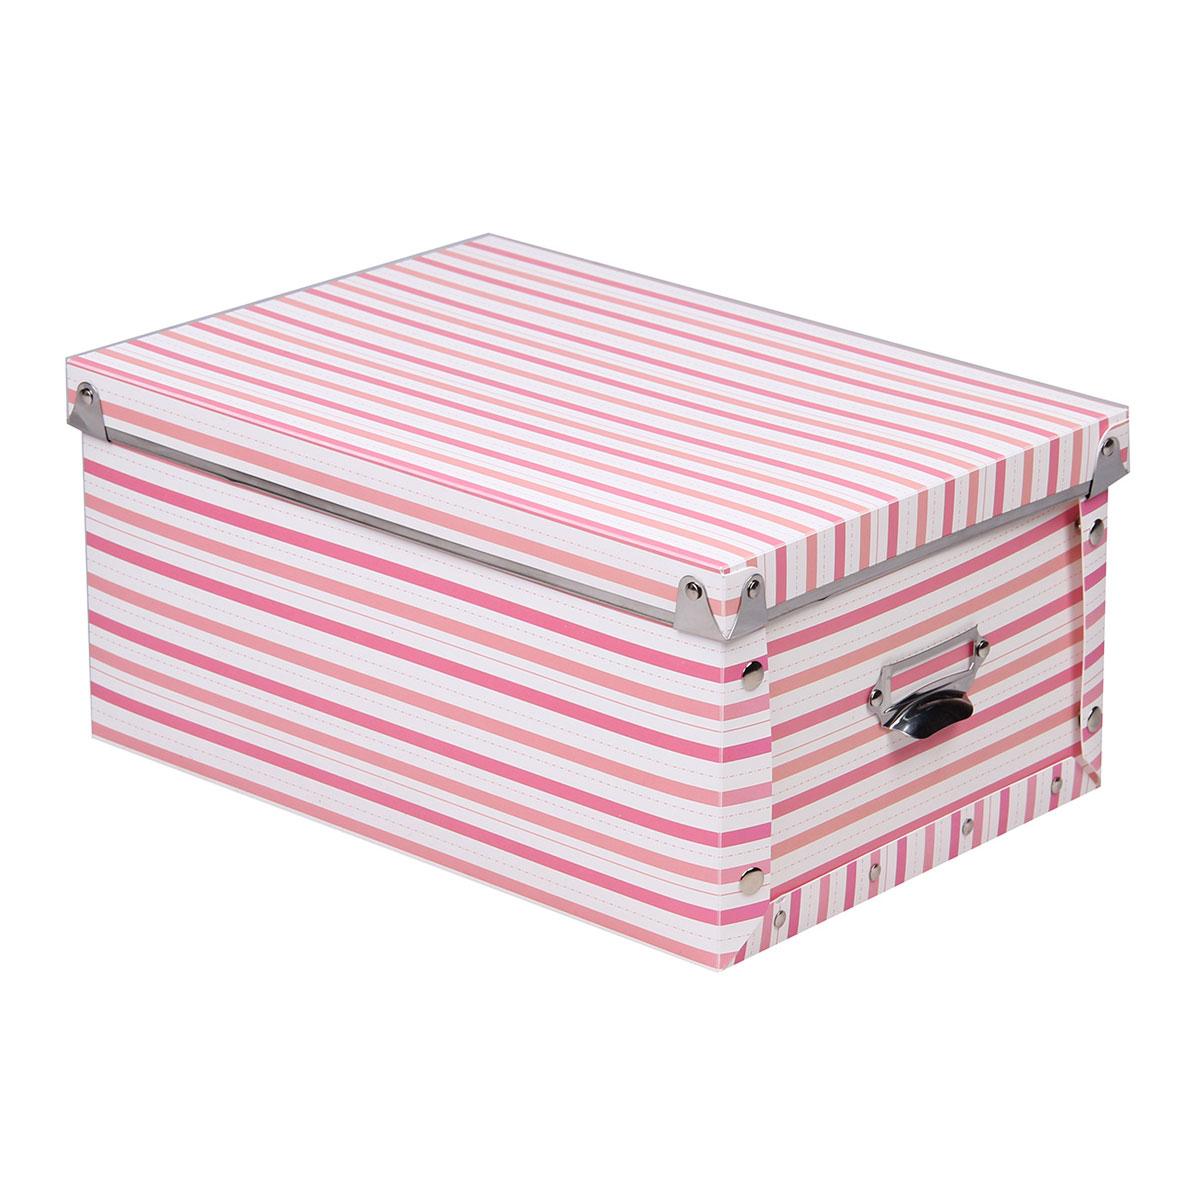 Короб для xранения Miolla, 22,5 x 18,5 x 15 см. SBС-02 короб для xранения обуви miolla 52 x 30 x 11 см